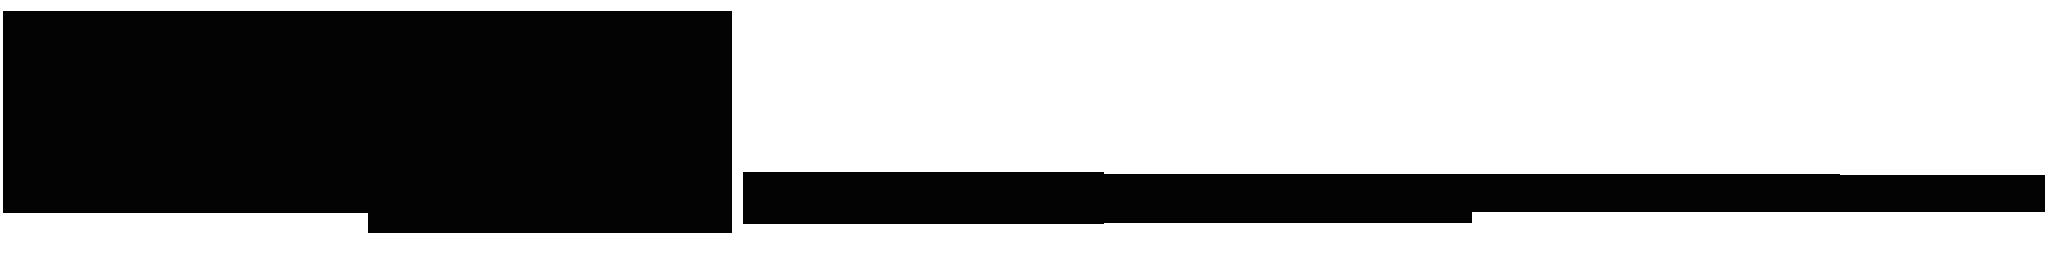 Komornik Sądowy przy Sądzie Rejonowym Poznań-Stare Miasto w Poznaniu Paweł Bobek